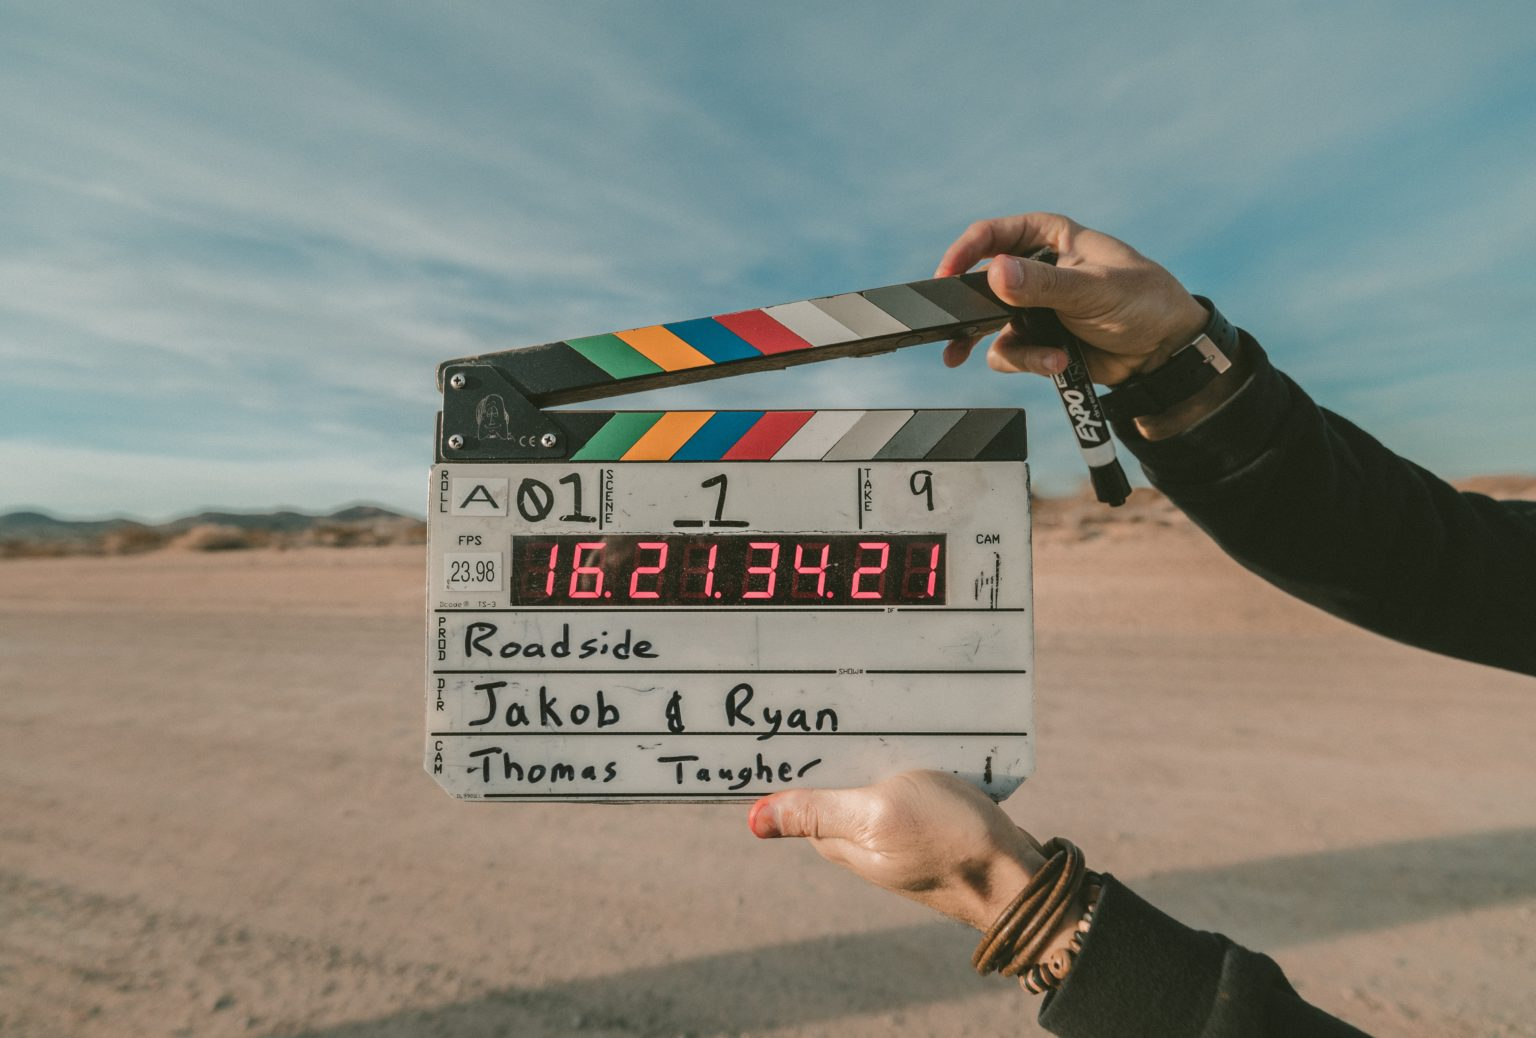 تولید محتوای ویدئویی - محبوب ترین شغل ها و مهارت ها برای فریلنسر شدن در سال 2020